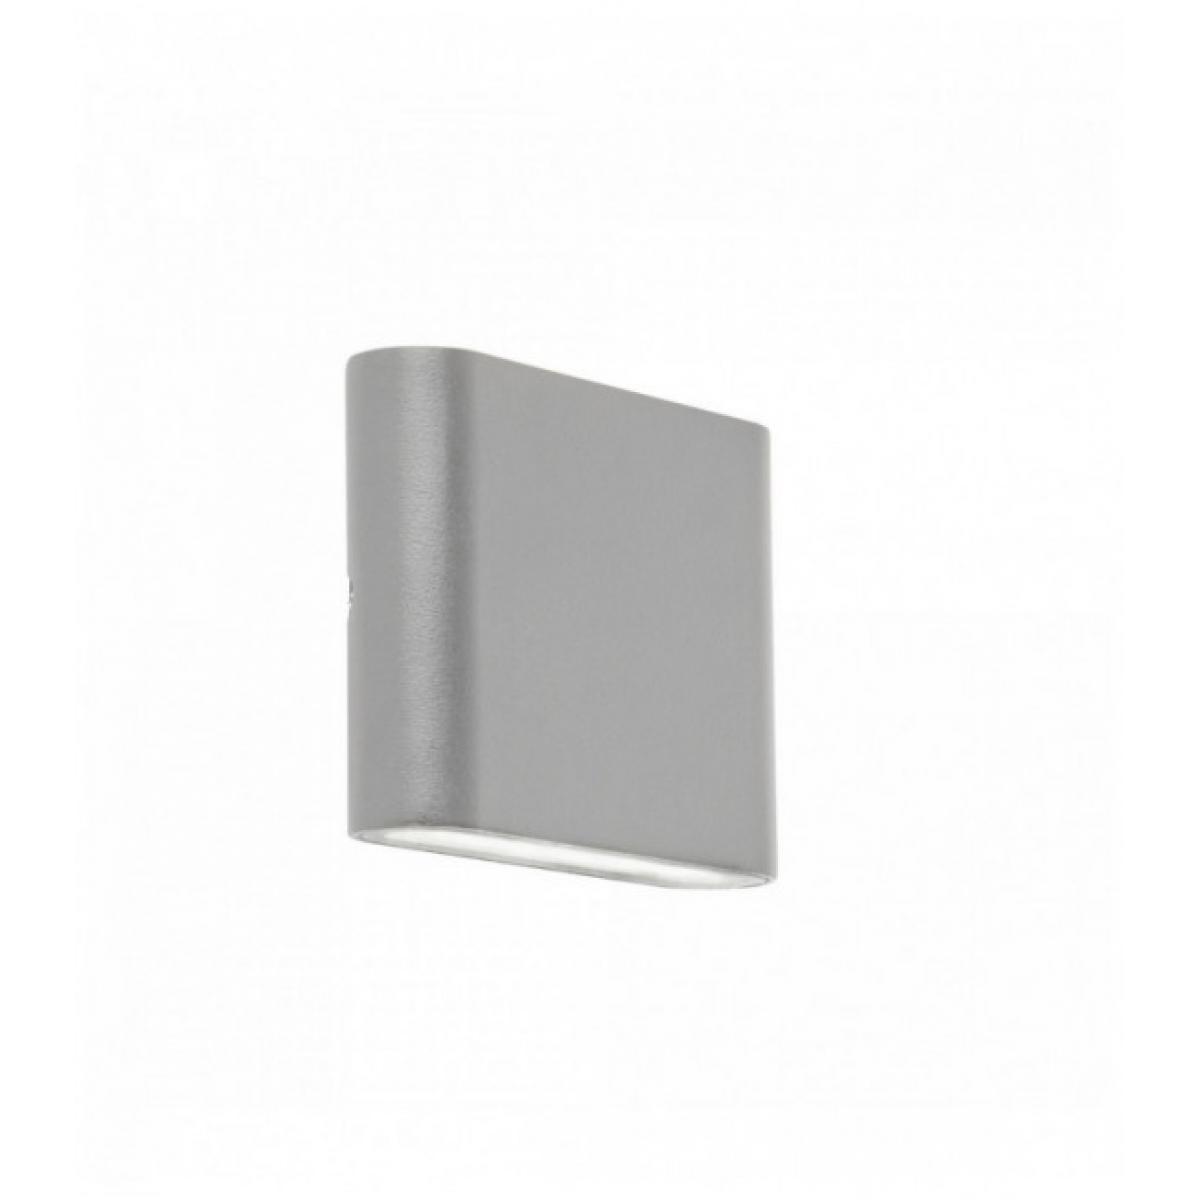 Searchlight Applique d'extérieur à led haut / bas - gris - diffuseur transparent